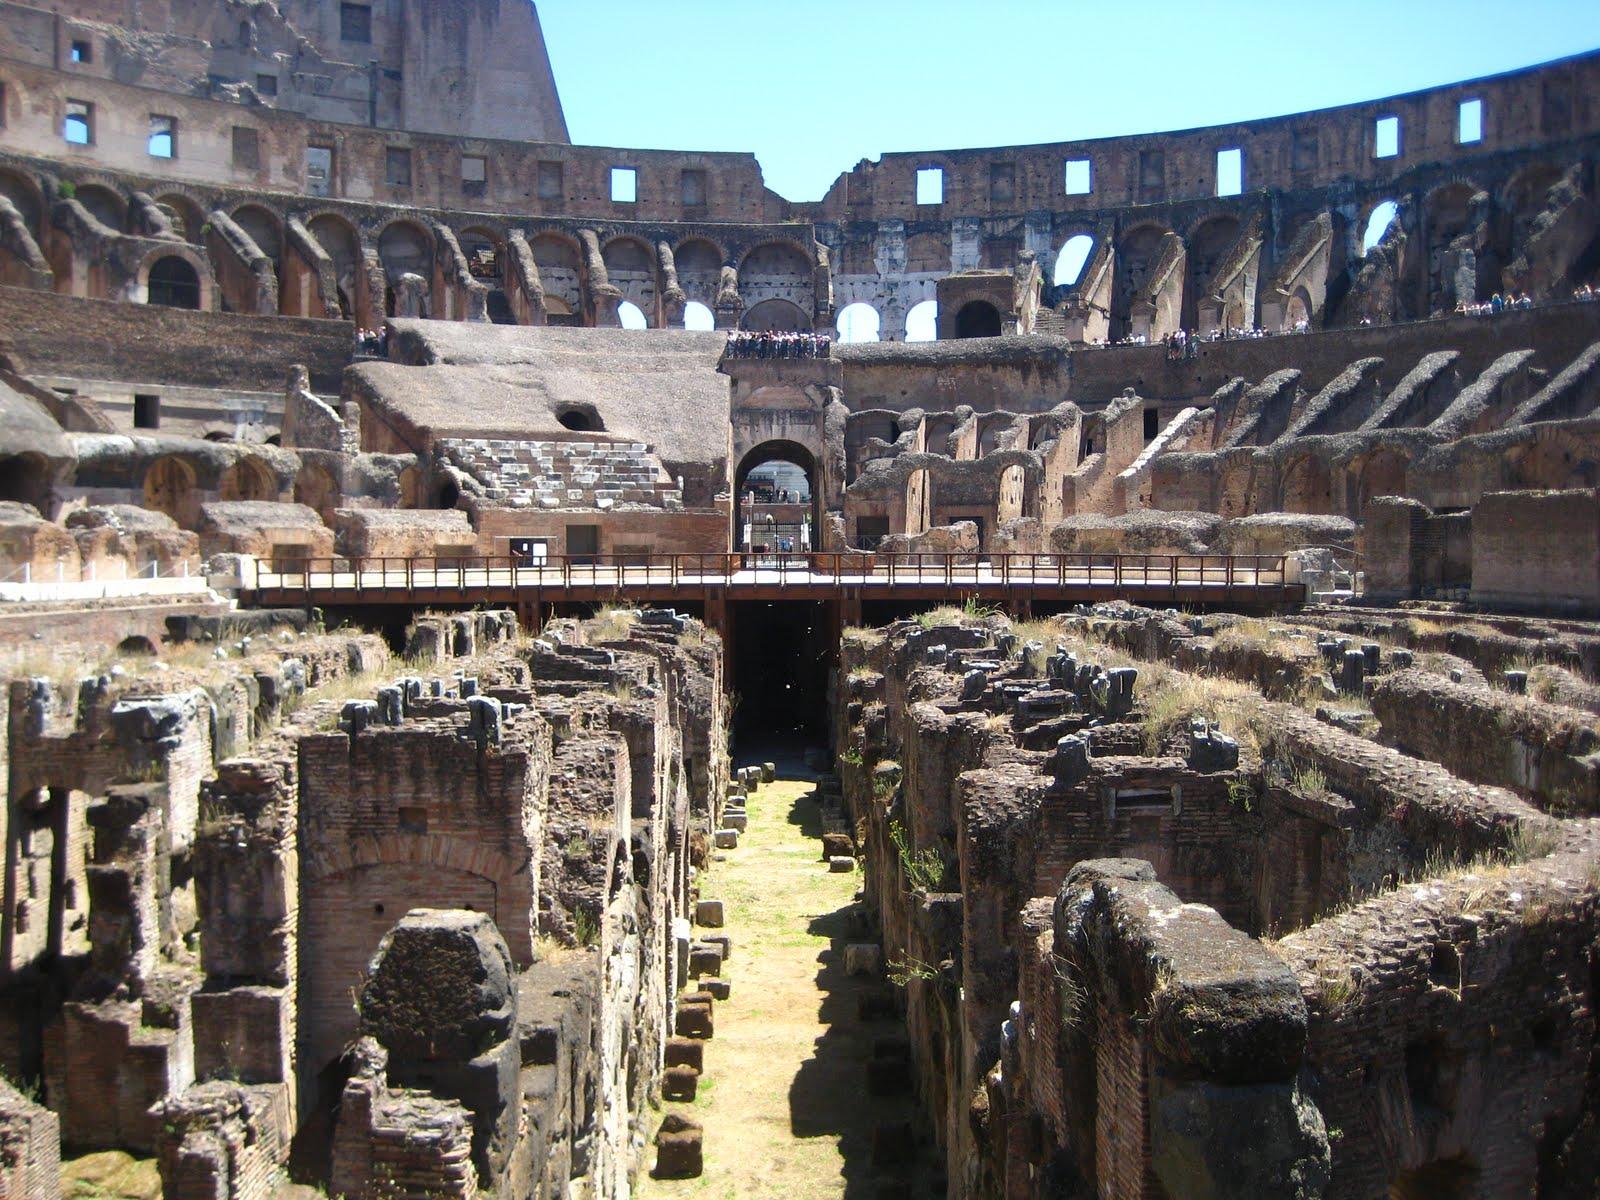 perugia roma distanza roma - photo#38